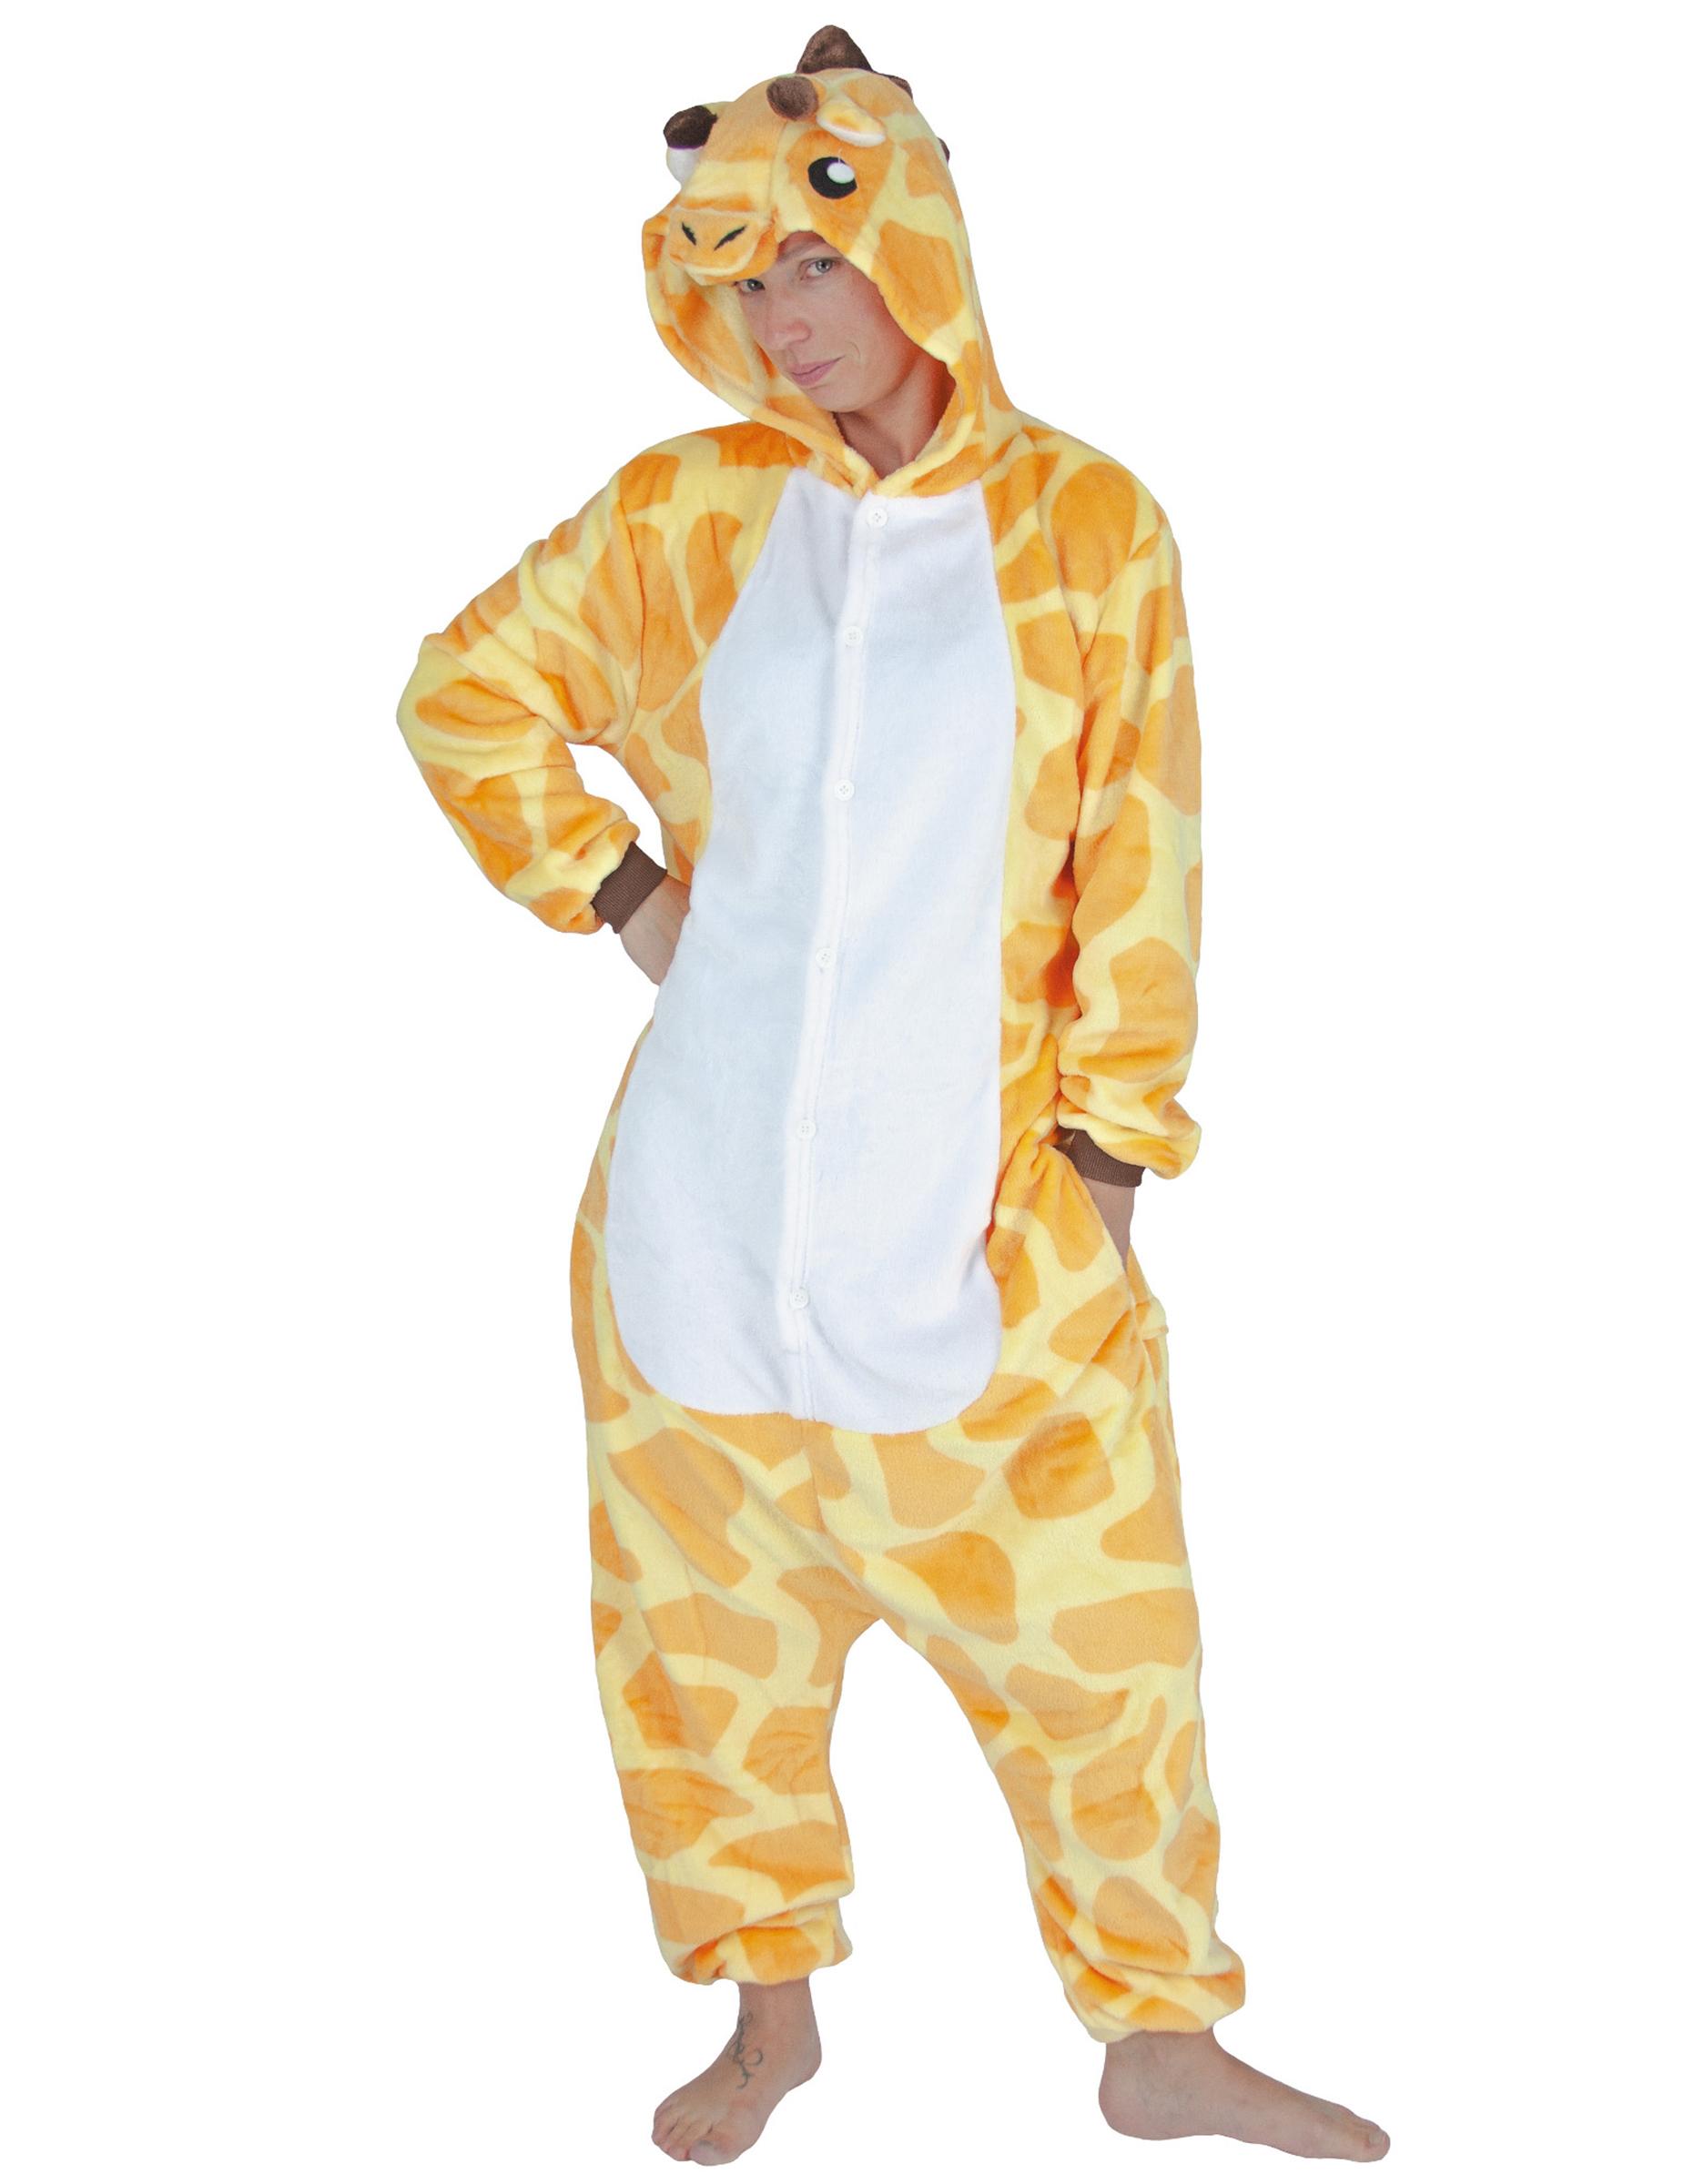 Kostume heldragt giraf plys voksen, køb Kostumer til